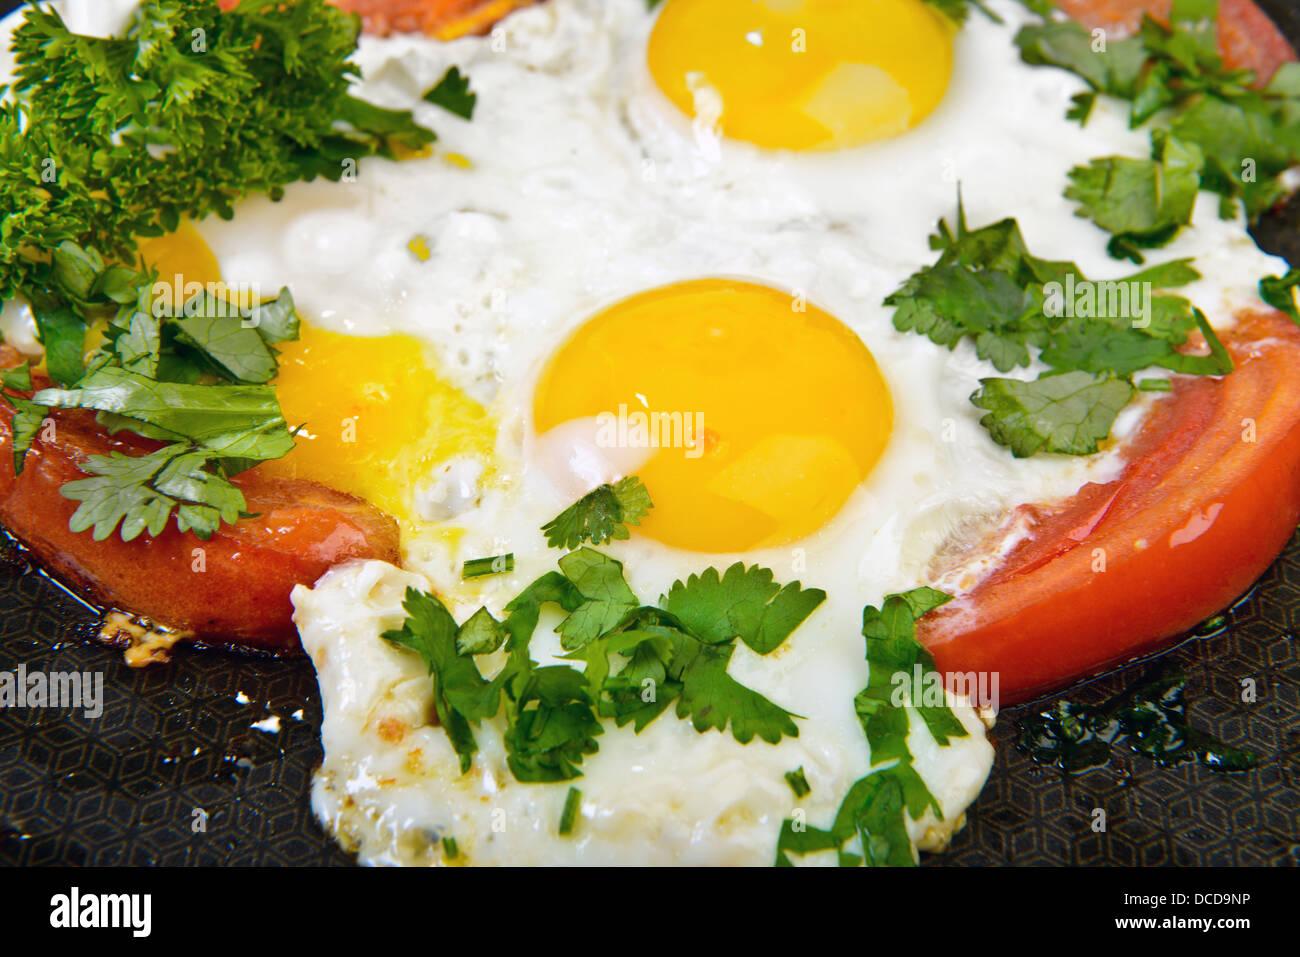 Uova fritte e il pomodoro in padella con erbe aromatiche Immagini Stock